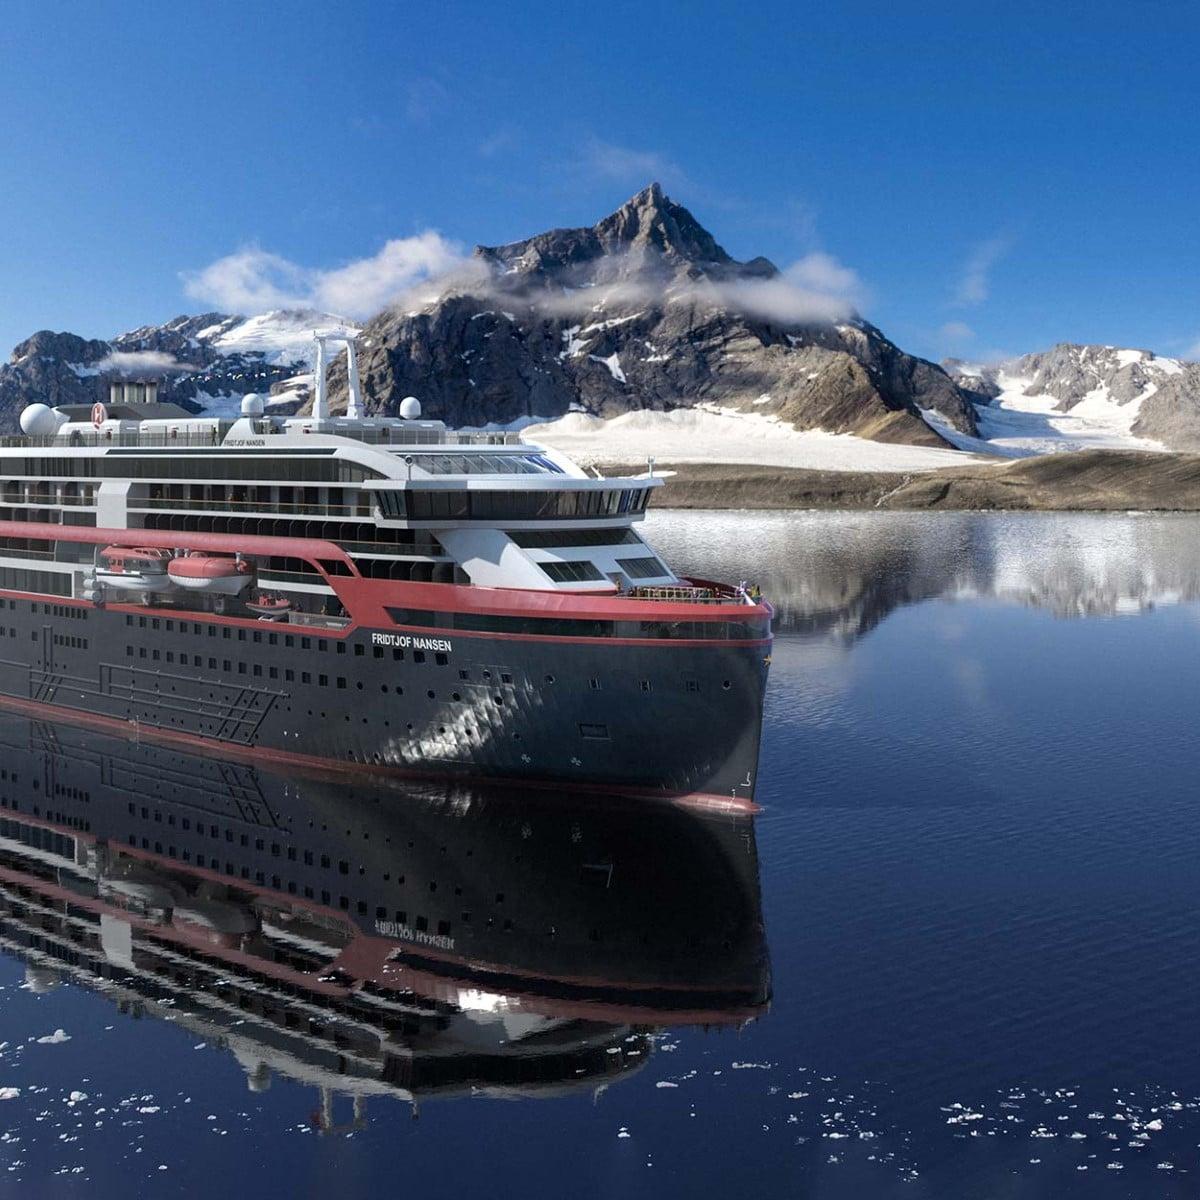 Die Sonnenfinsternis in der Antarktis mit Hurtigruten erleben